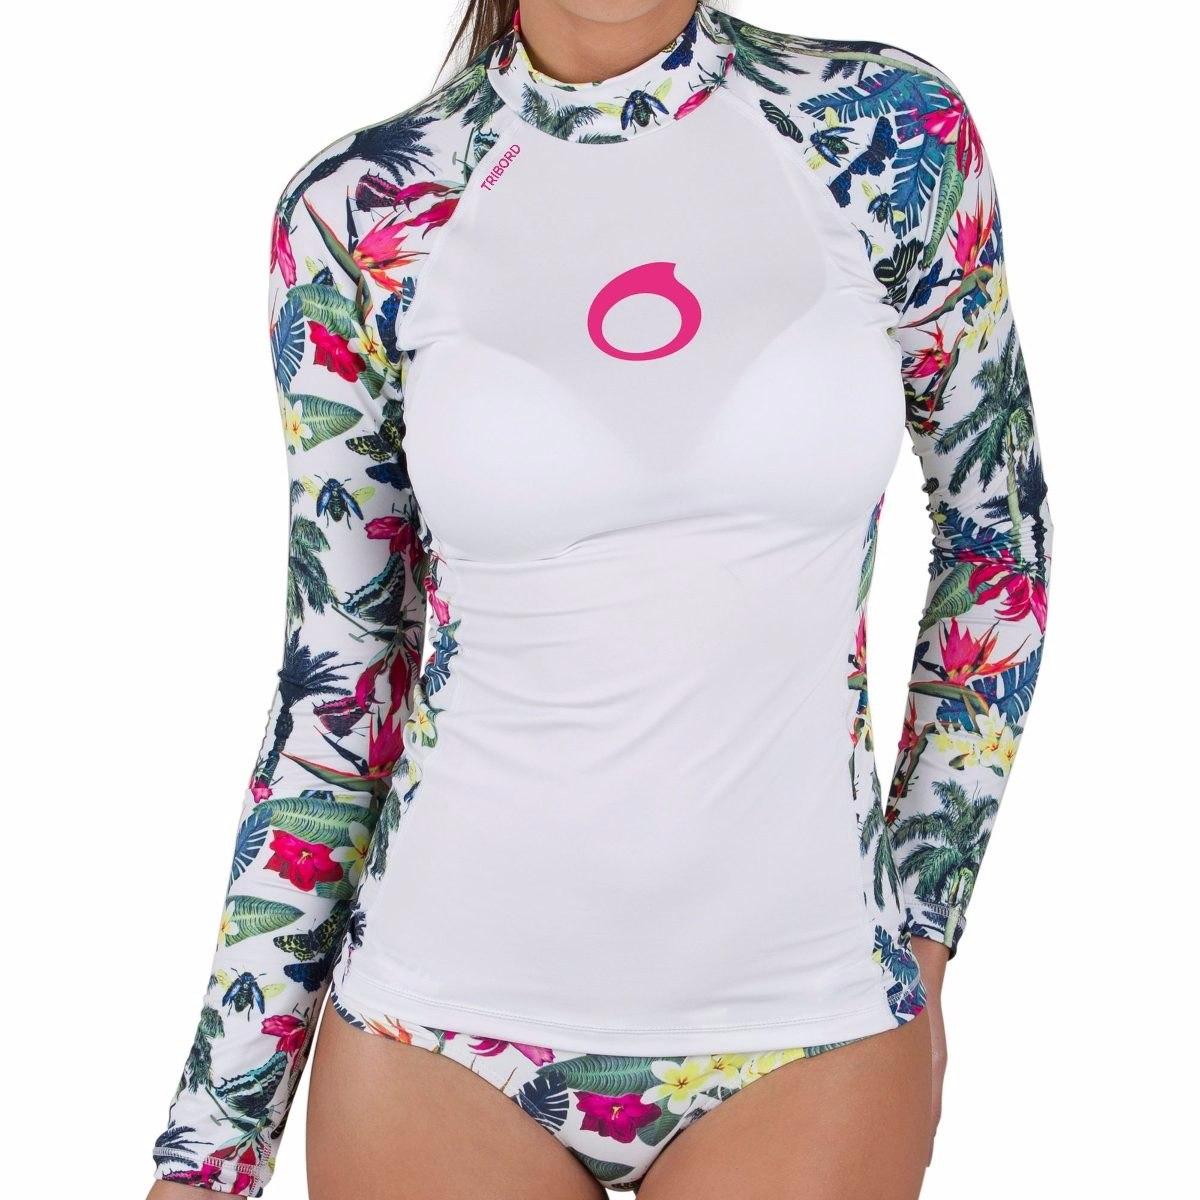 98dc85a2a830c Camisa Blusa+calcinha Feminina Protetor Raio Uv Ups 50 - R  167